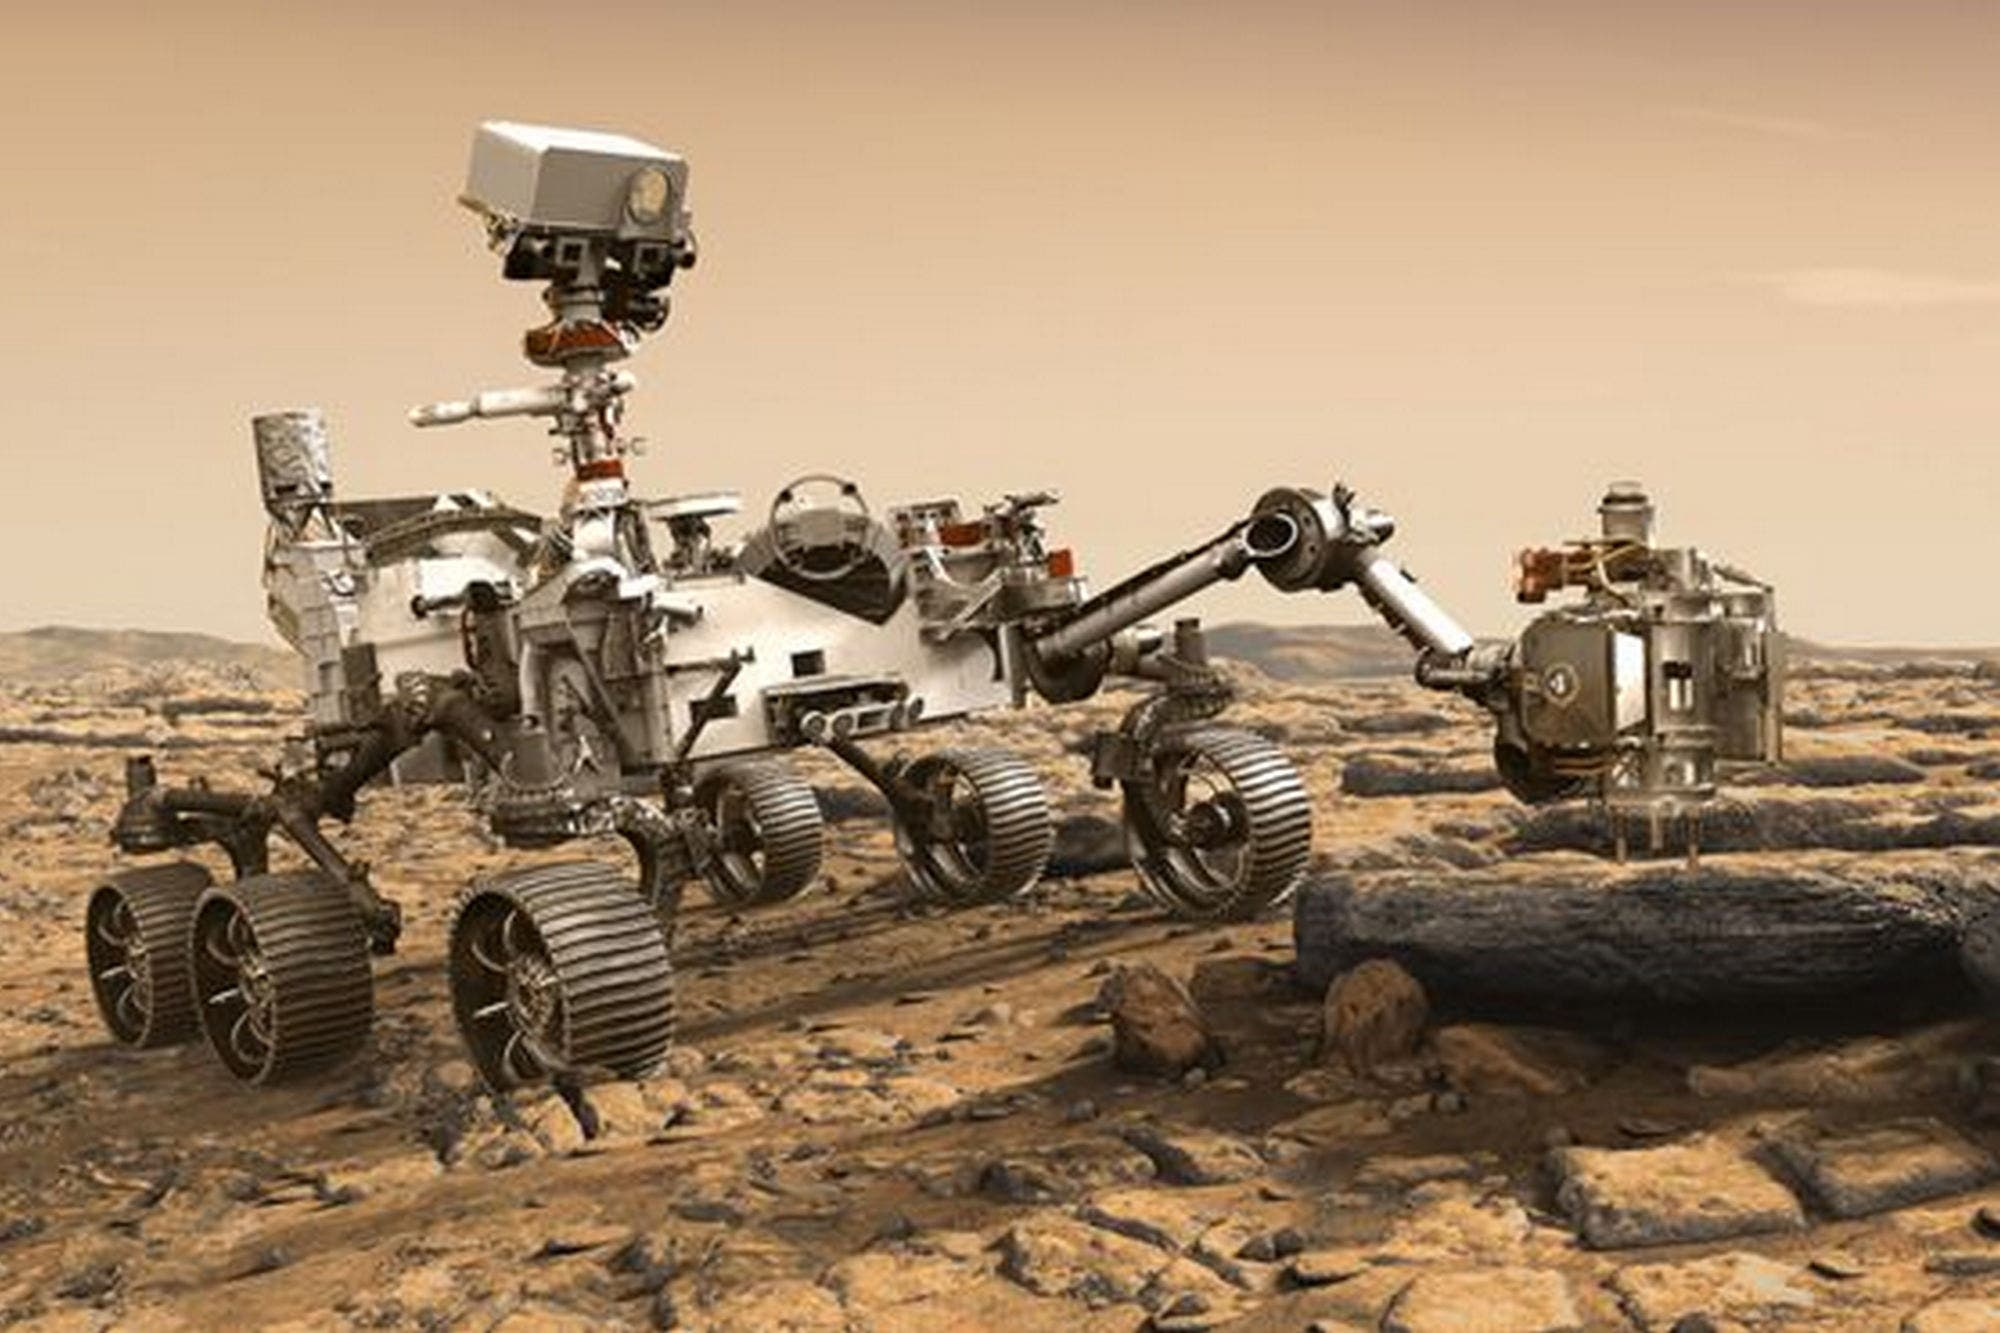 Mars 2020, el vehículo explorador de la NASA que intentará responder las preguntas más inquietantes sobre Marte